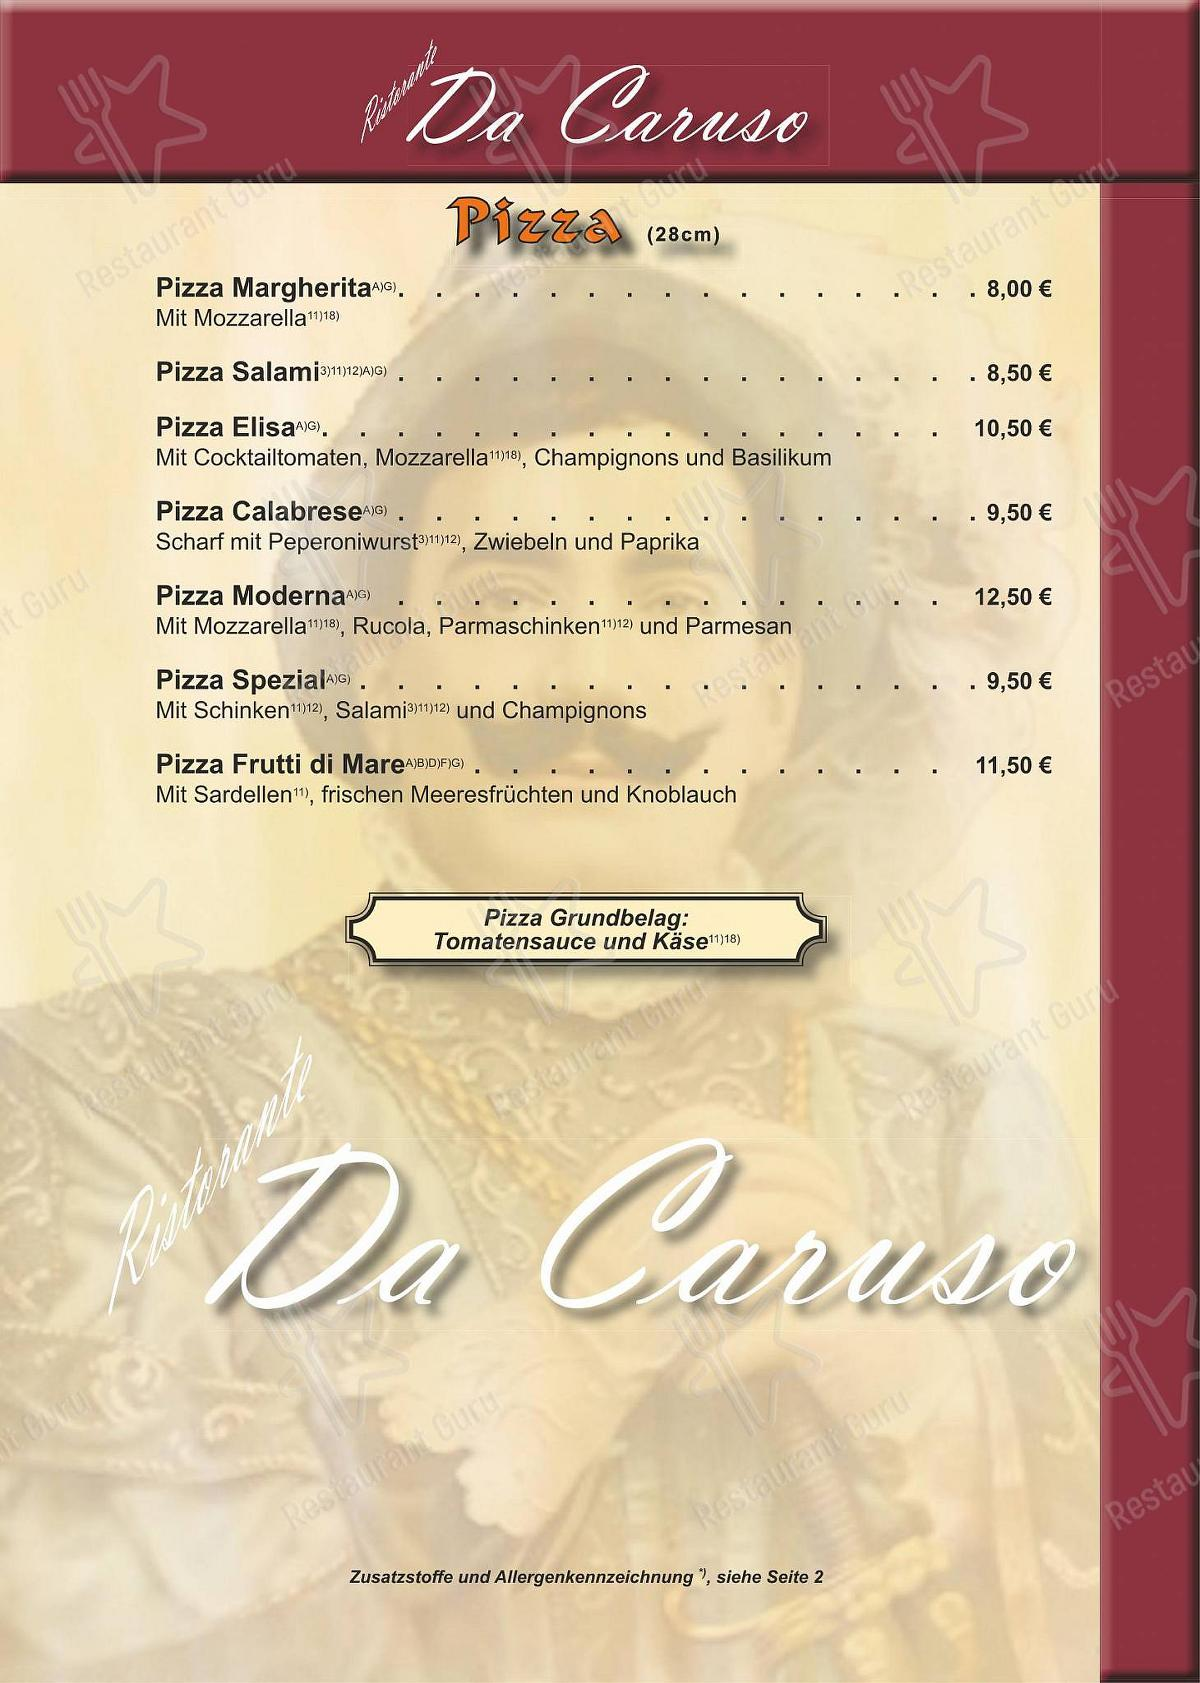 Взгляните на меню Caruso